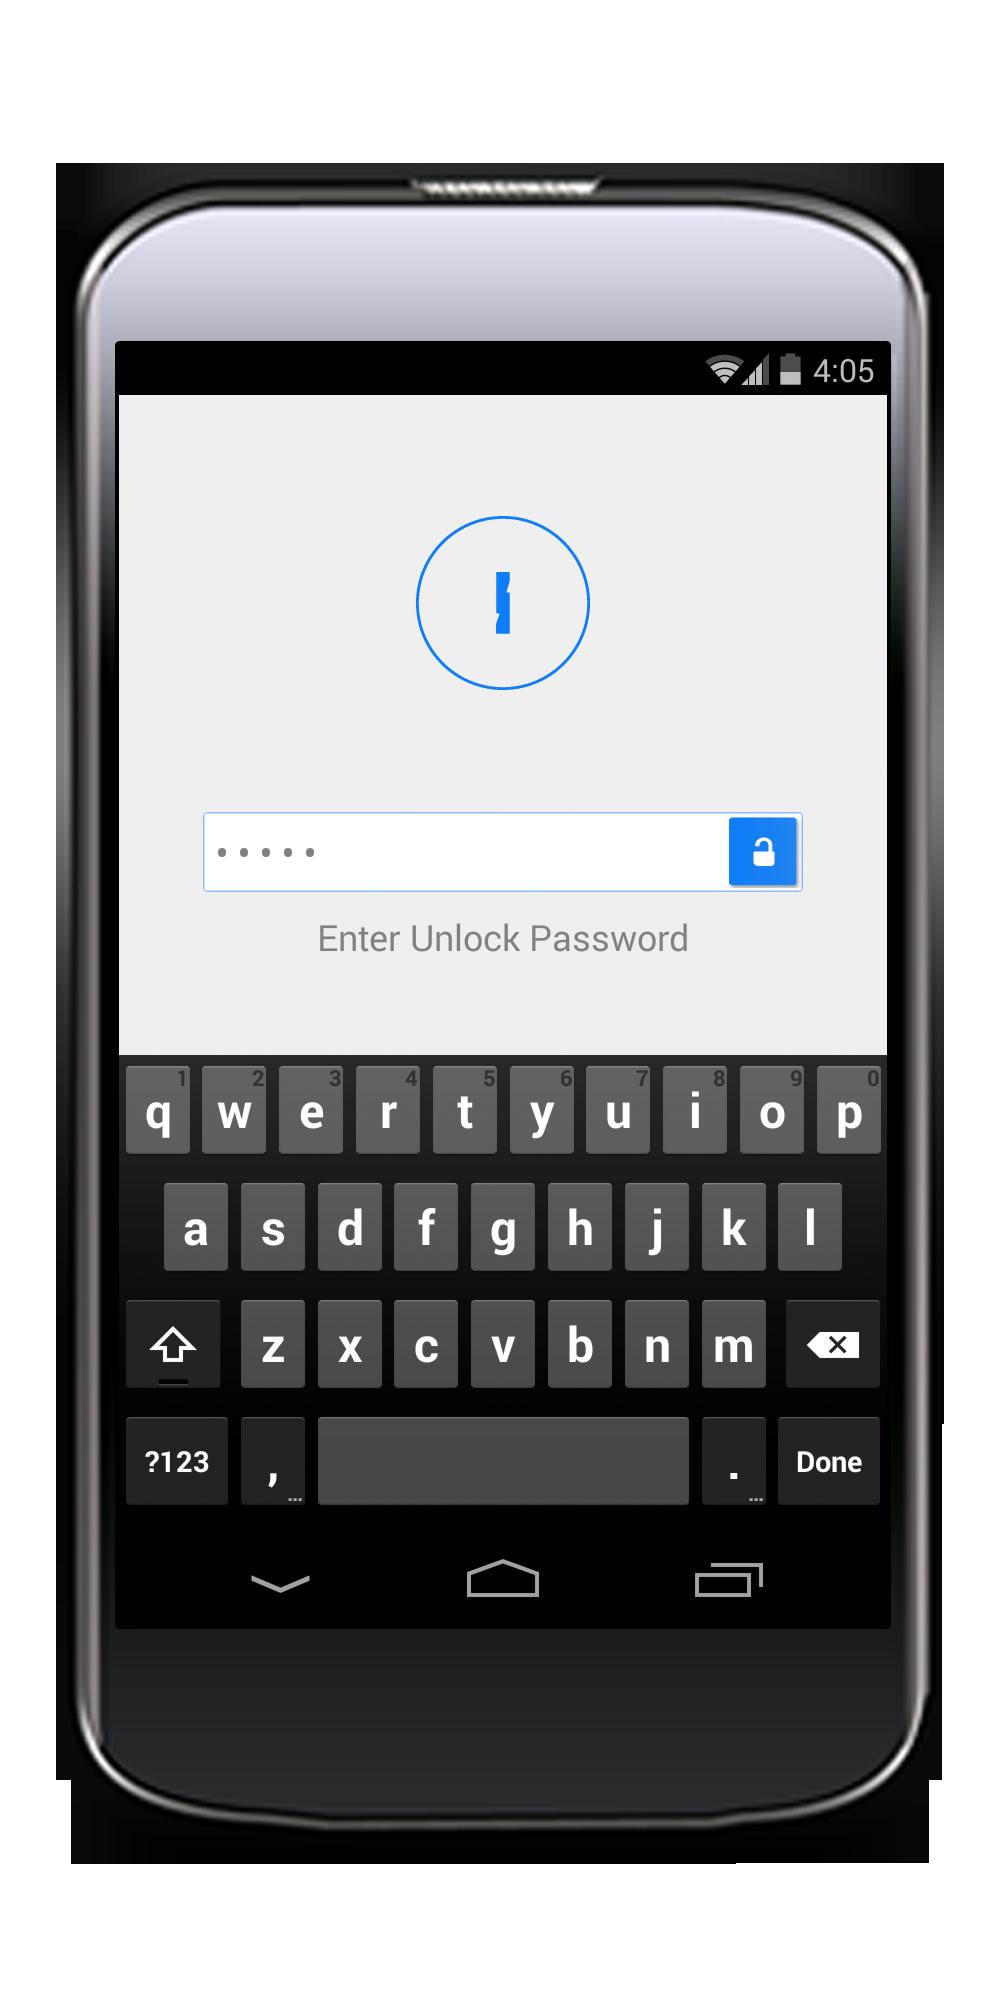 enpass_applicazione_gestione_password (1)